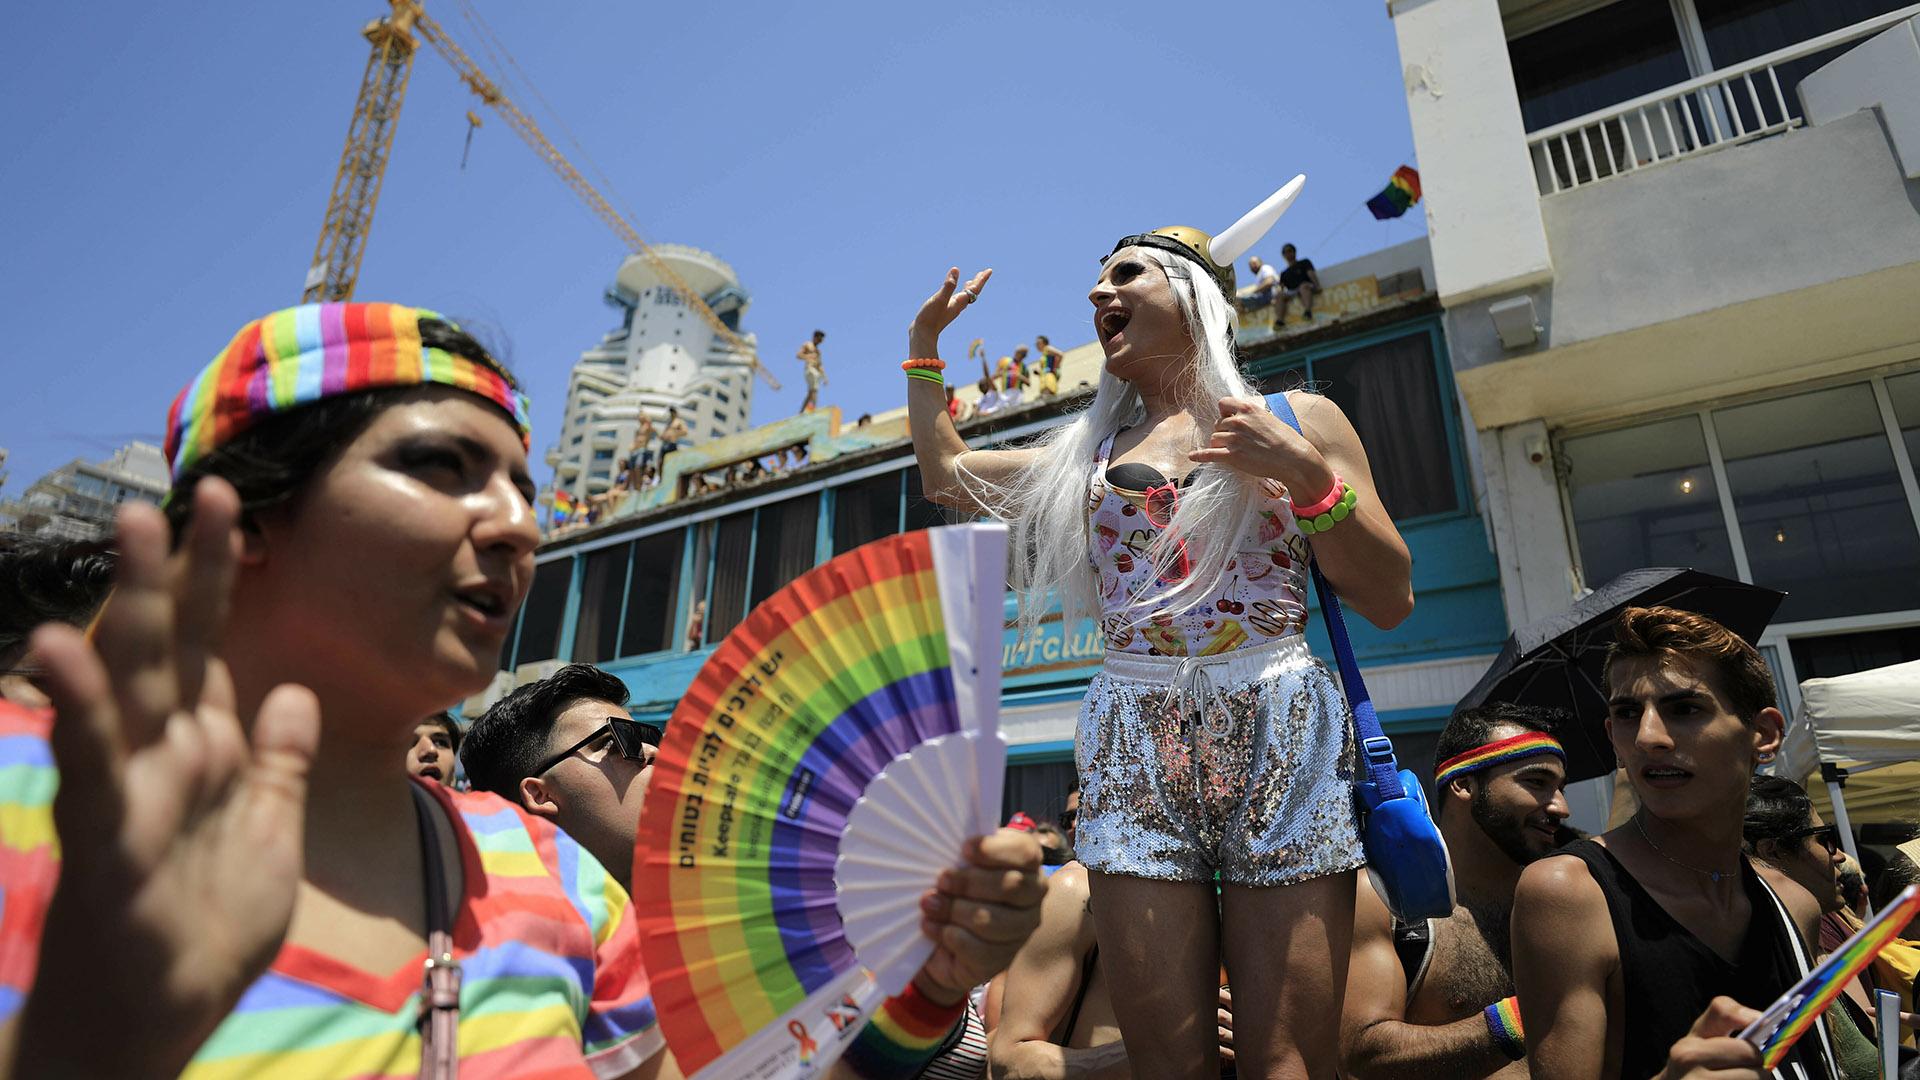 En Tel Aviv, Isreal, el Gay Pride fue el 14 de junio y miles de personas caminaron por las calles luciendo los llamativos trajes multicolores y brillantes. El desfile, que este año cumplió su vigésimo primer aniversario, es el más concurrido de la región con más de 250.000 participantes